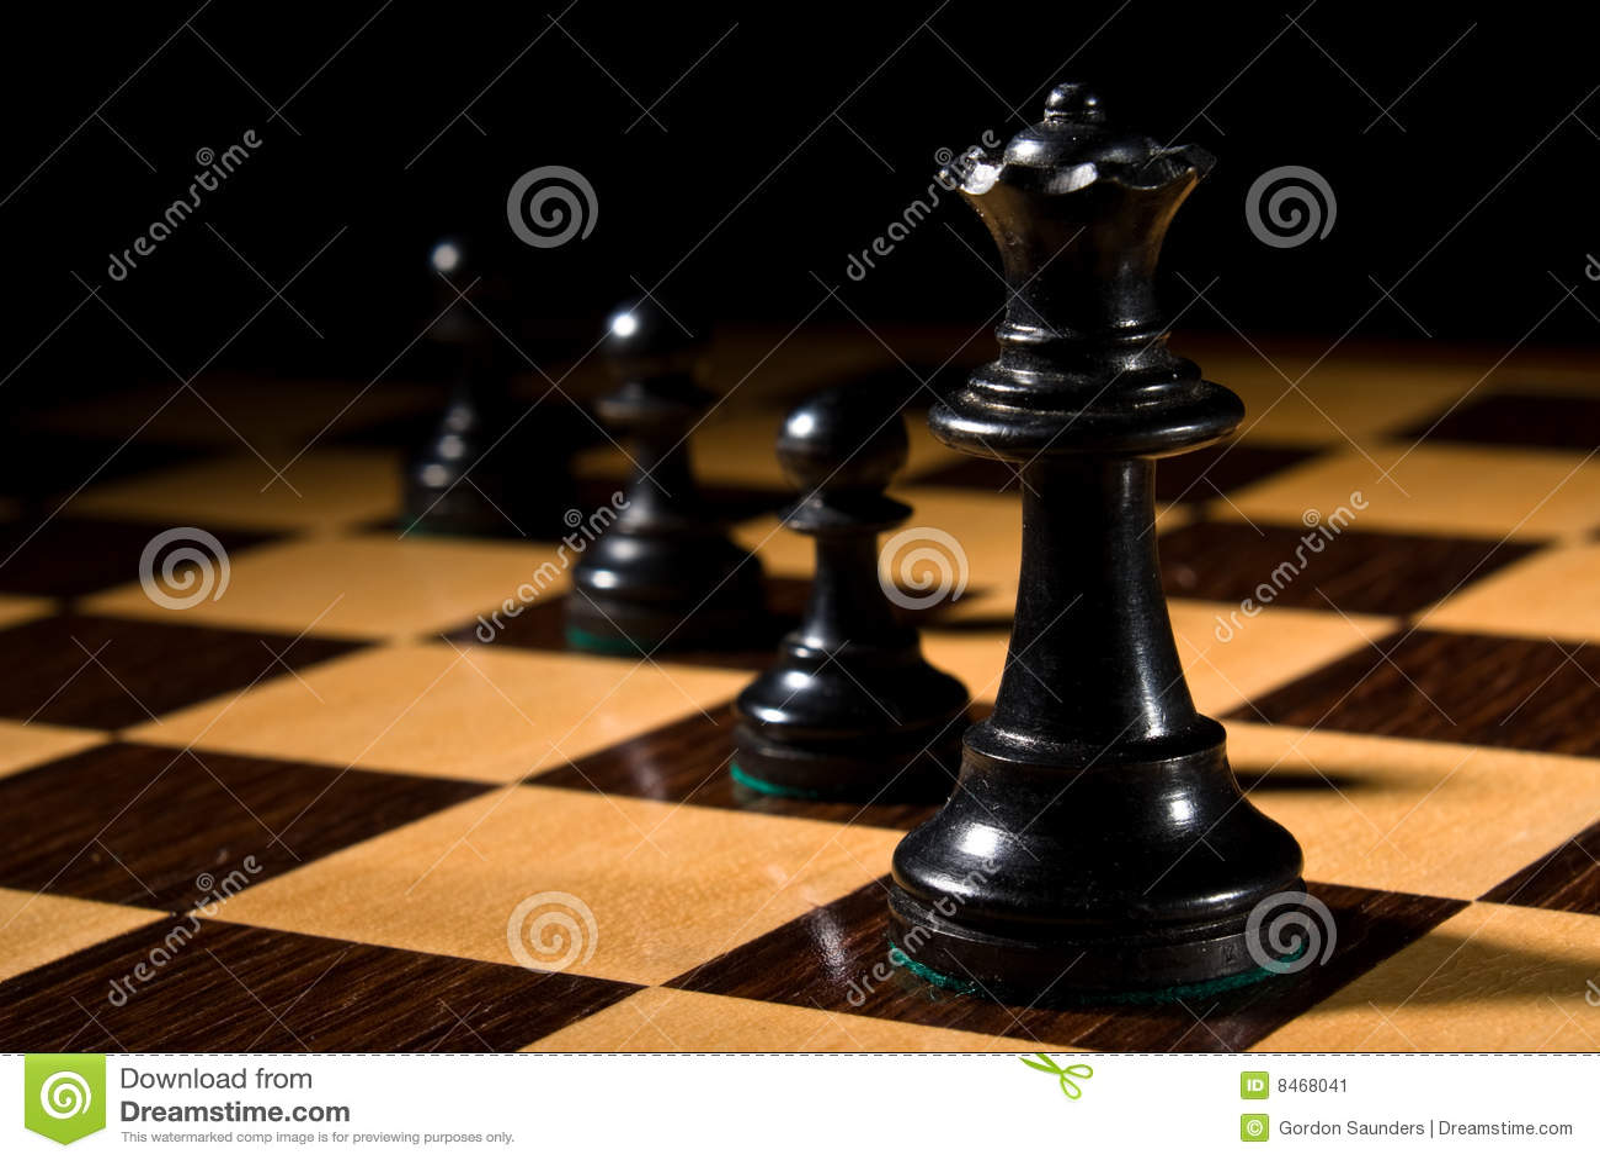 Schackschackbrädeleads pantsätter drottningen